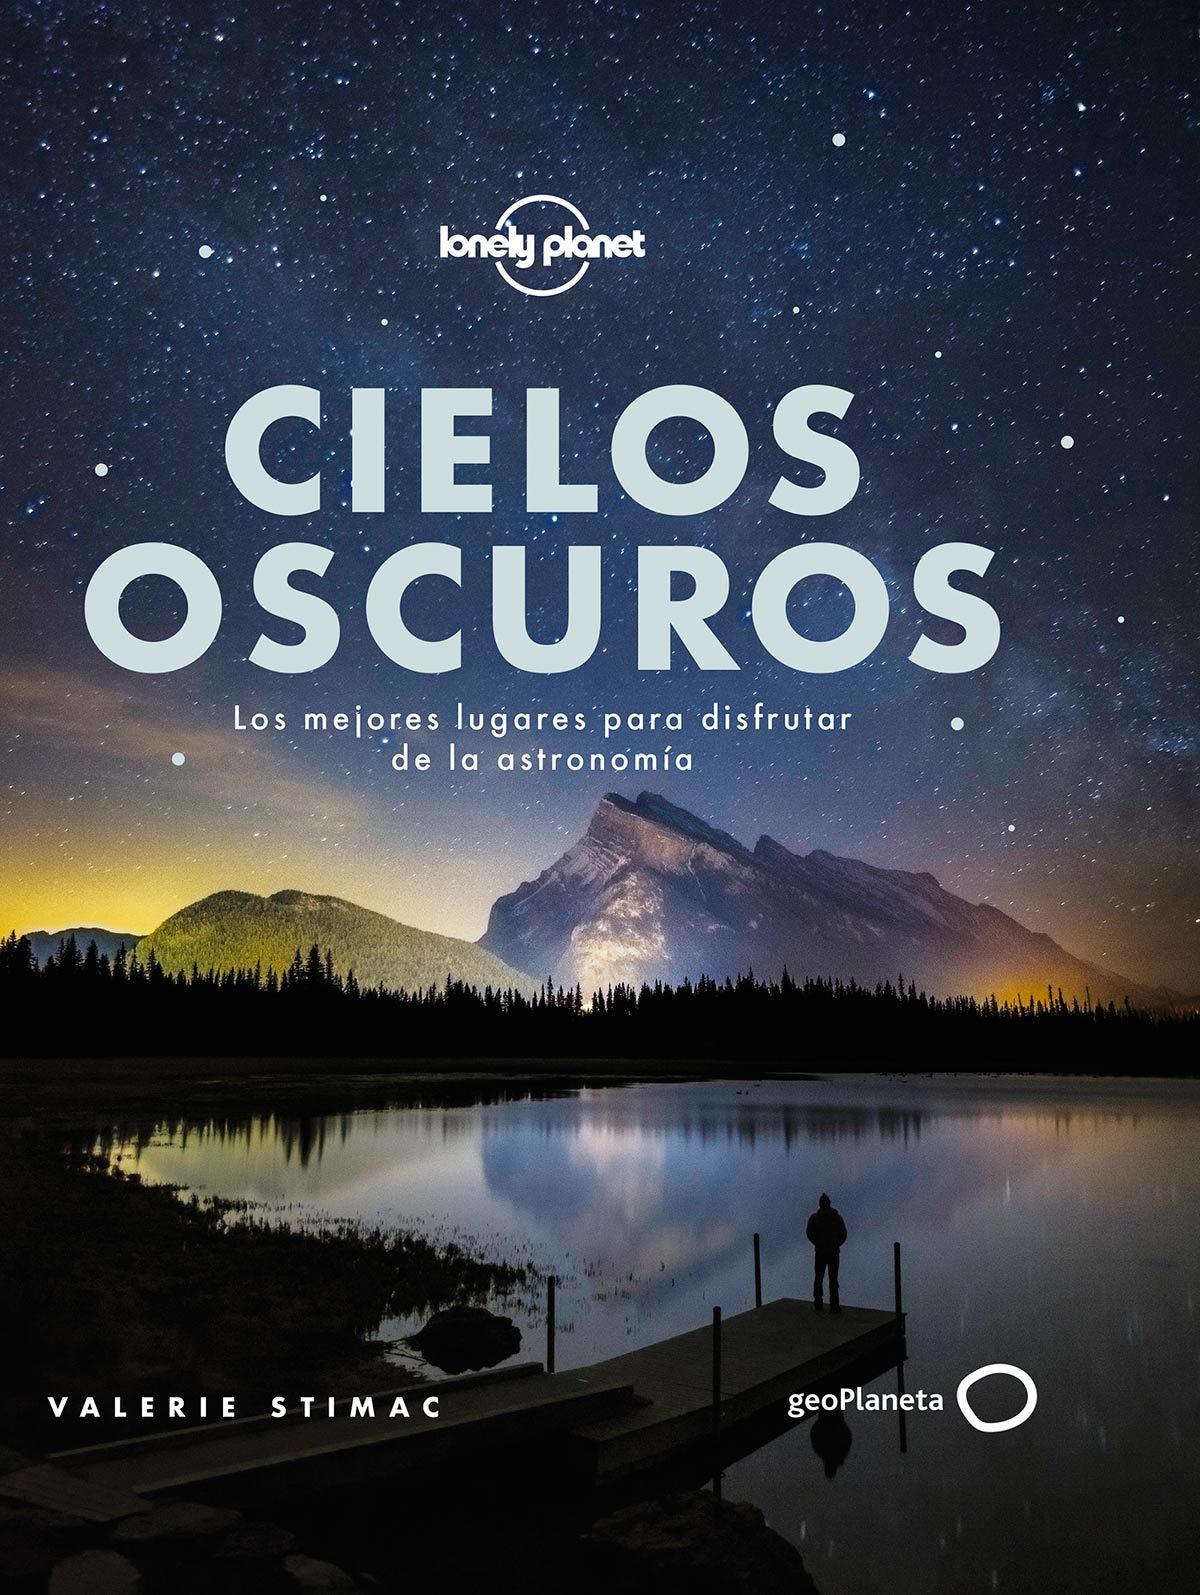 Libro recomendado mes de Junio 2020.Cielos Oscuros, una guía con los mejores lugares del mundo para ver estrellas.